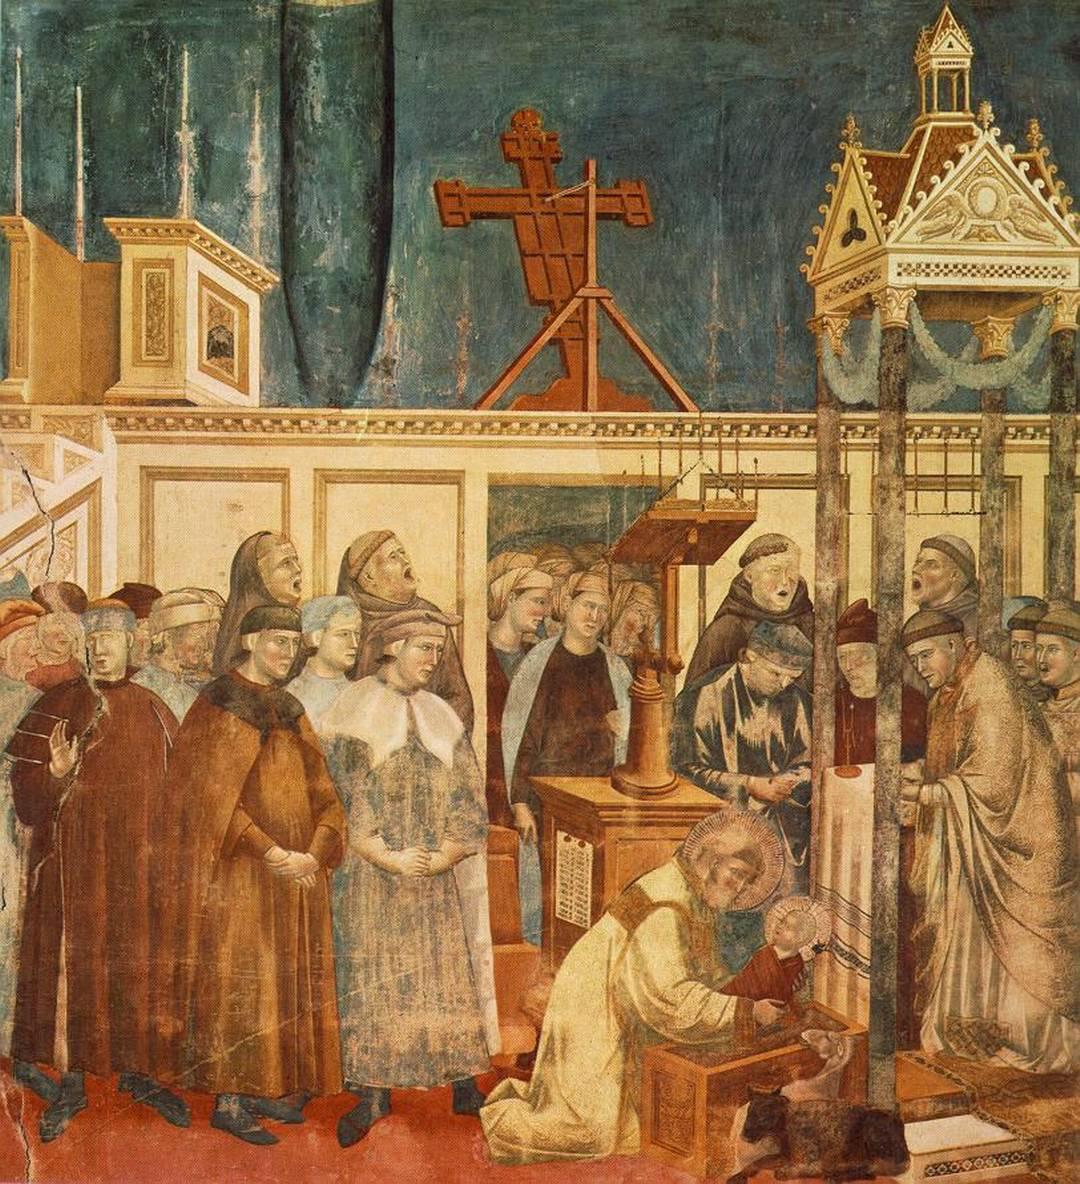 Il presepe di Greccio dipinto da Giotto nella Basilica Superiore di Assisi